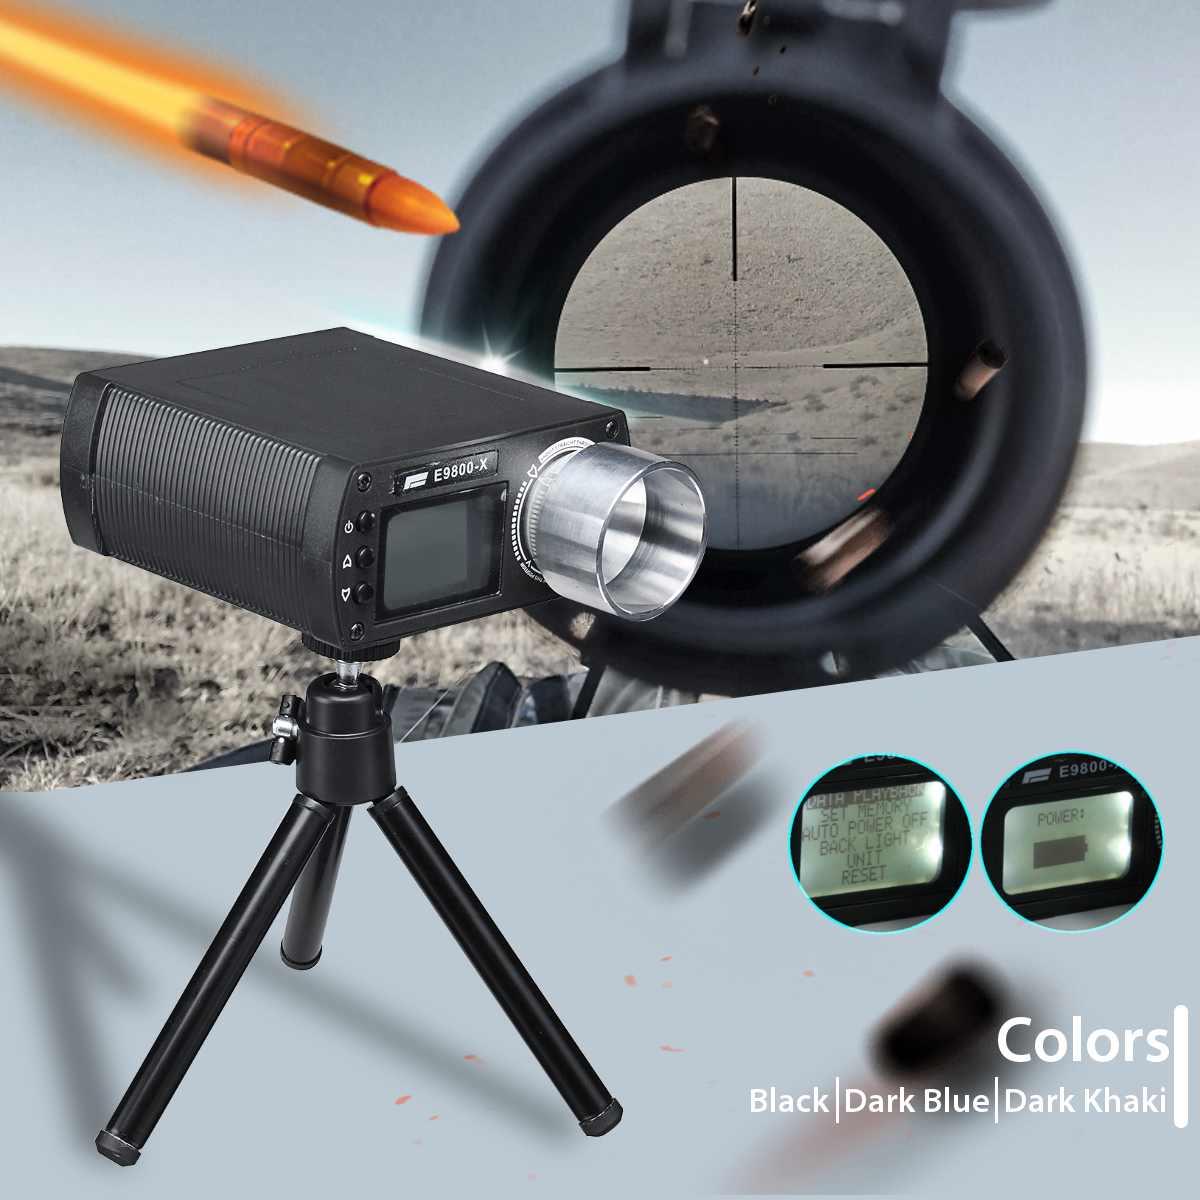 E9800-X Airsoft BB стрельба скорость тестер Высокоточный стрельба Хронограф-10C до 50C ЖК-экран 0-500J стрельбы кинетической энергии